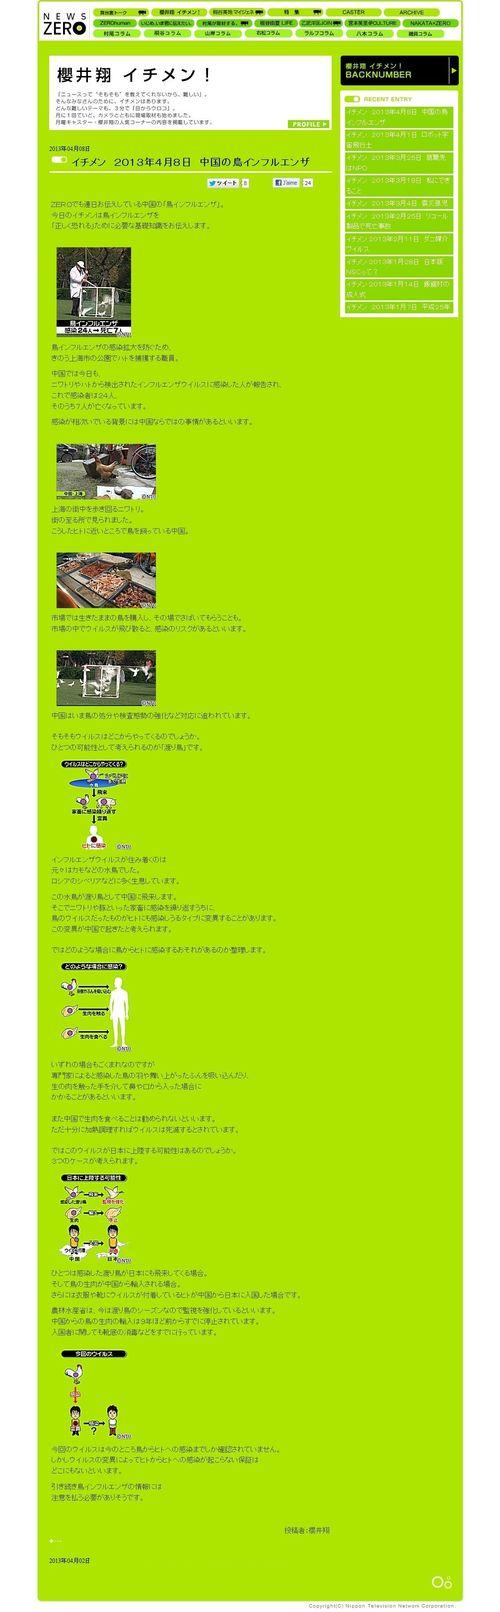 2013.04.08 NEWS ZERO